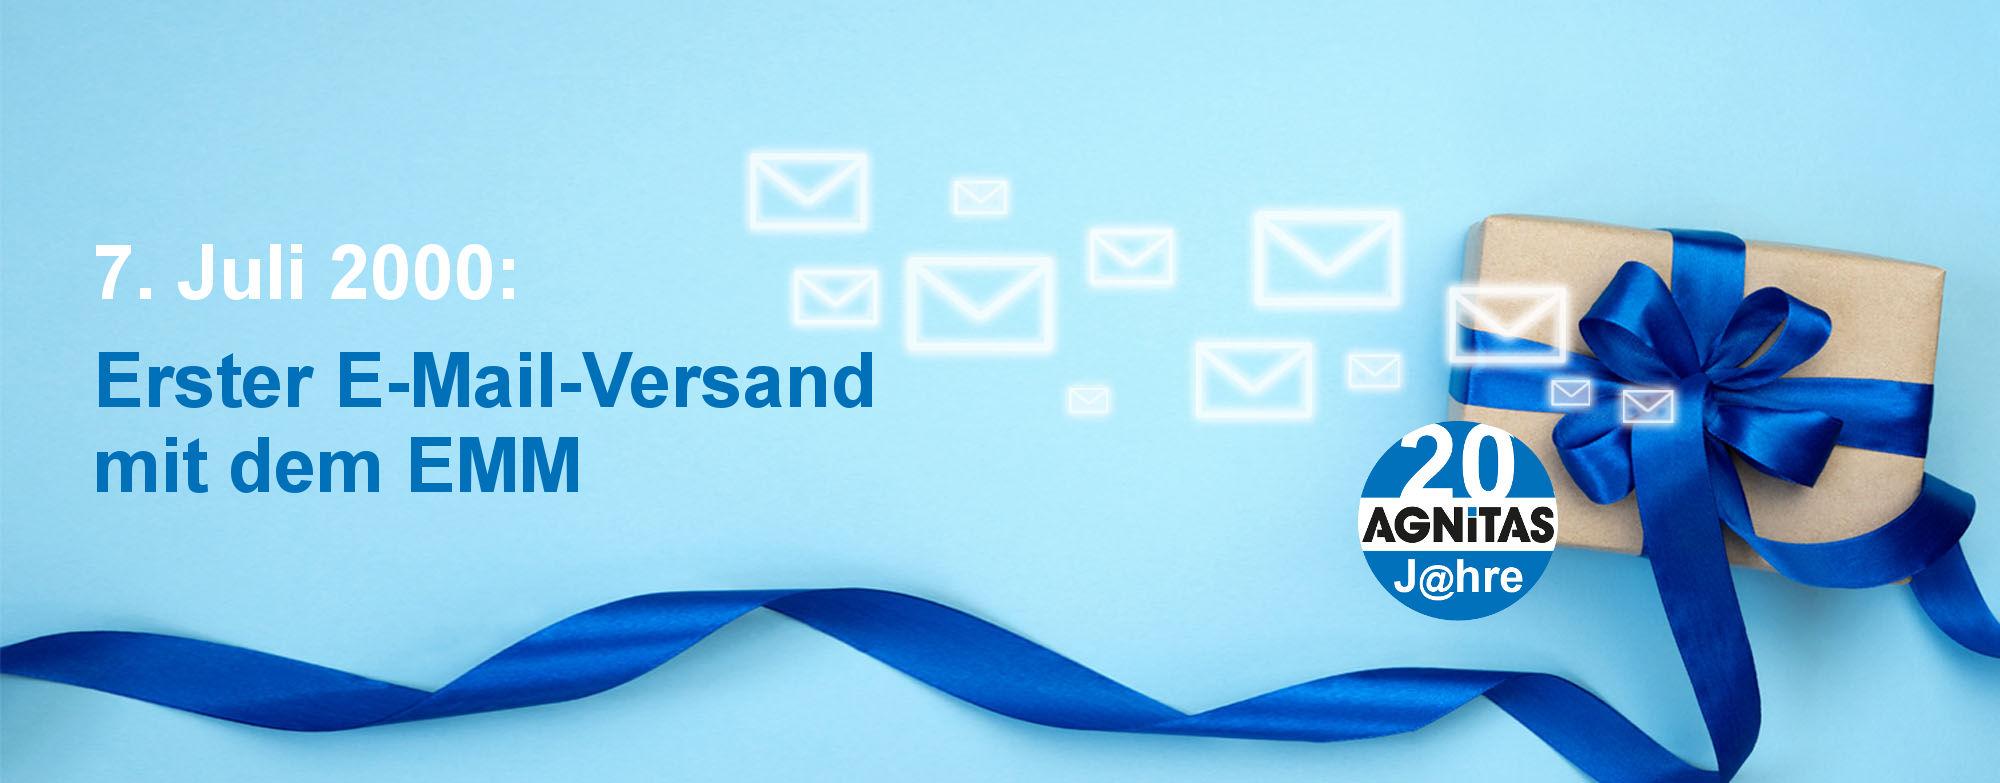 20 Jahre E-Mail-Versand mit dem EMM - ein besonderes Jubiläum